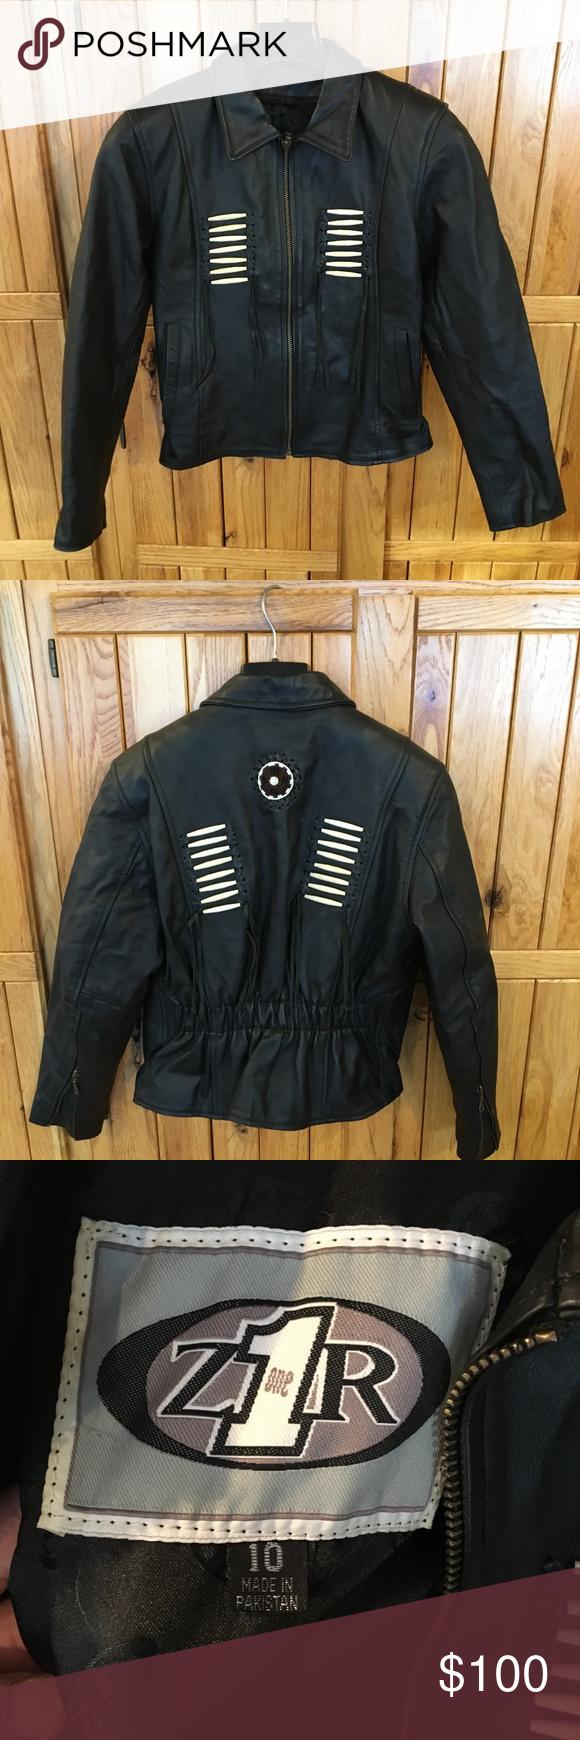 7ed089657238 I just added this listing on Poshmark  Z1R Women s Bone Beads   Leather  Motorcycle Jacket.  shopmycloset  poshmark  fashion  shopping  style   forsale  Z1R ...